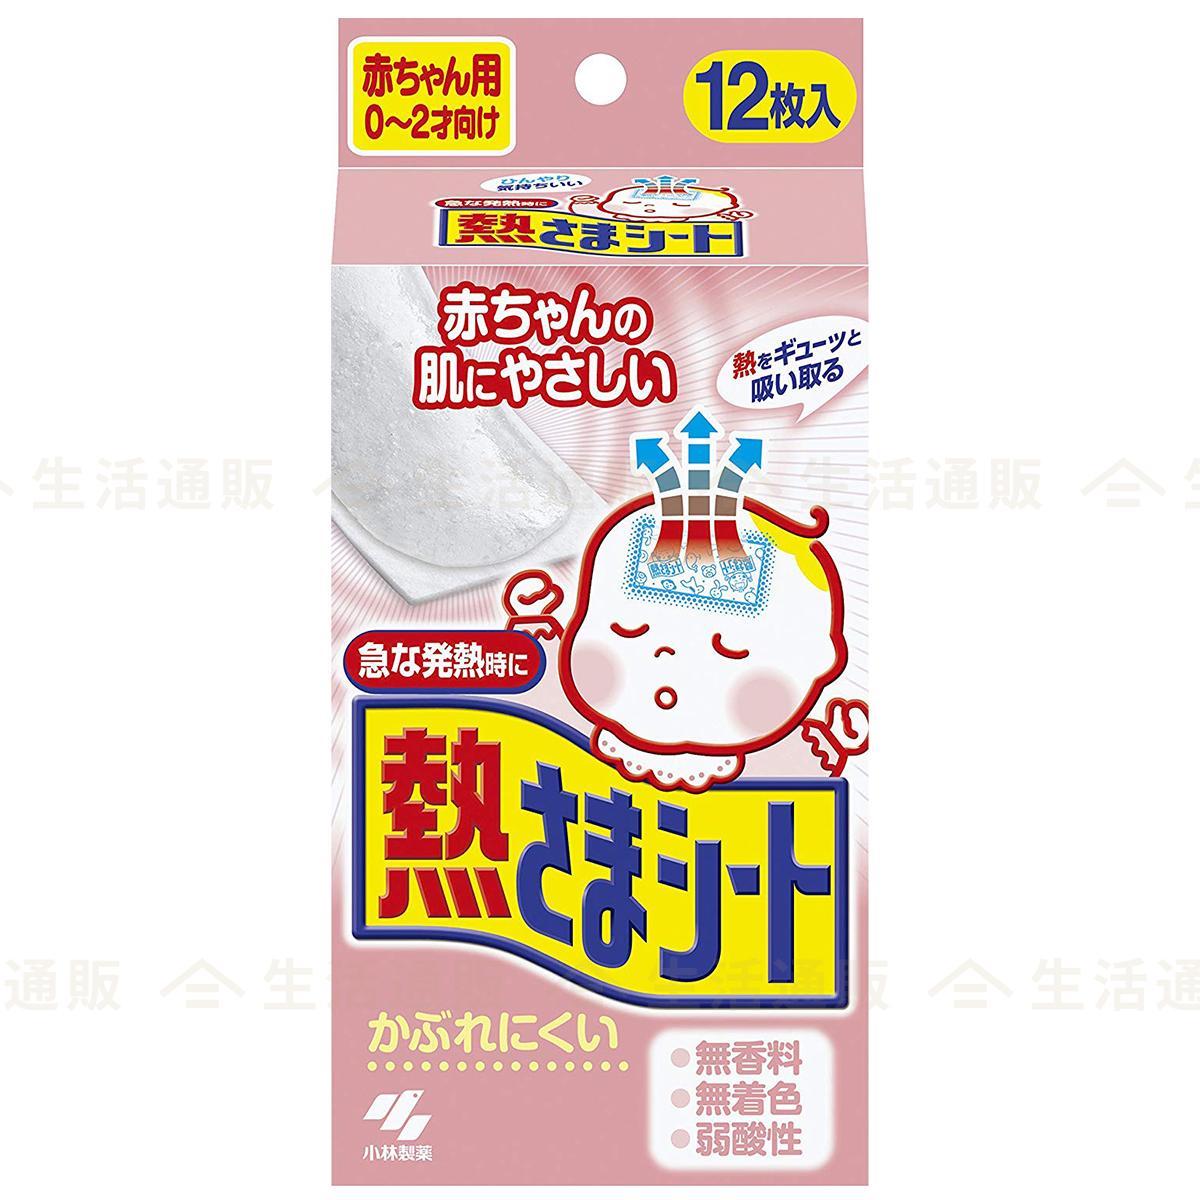 [日本內銷版] 小林嬰兒退熱貼 (12片裝)